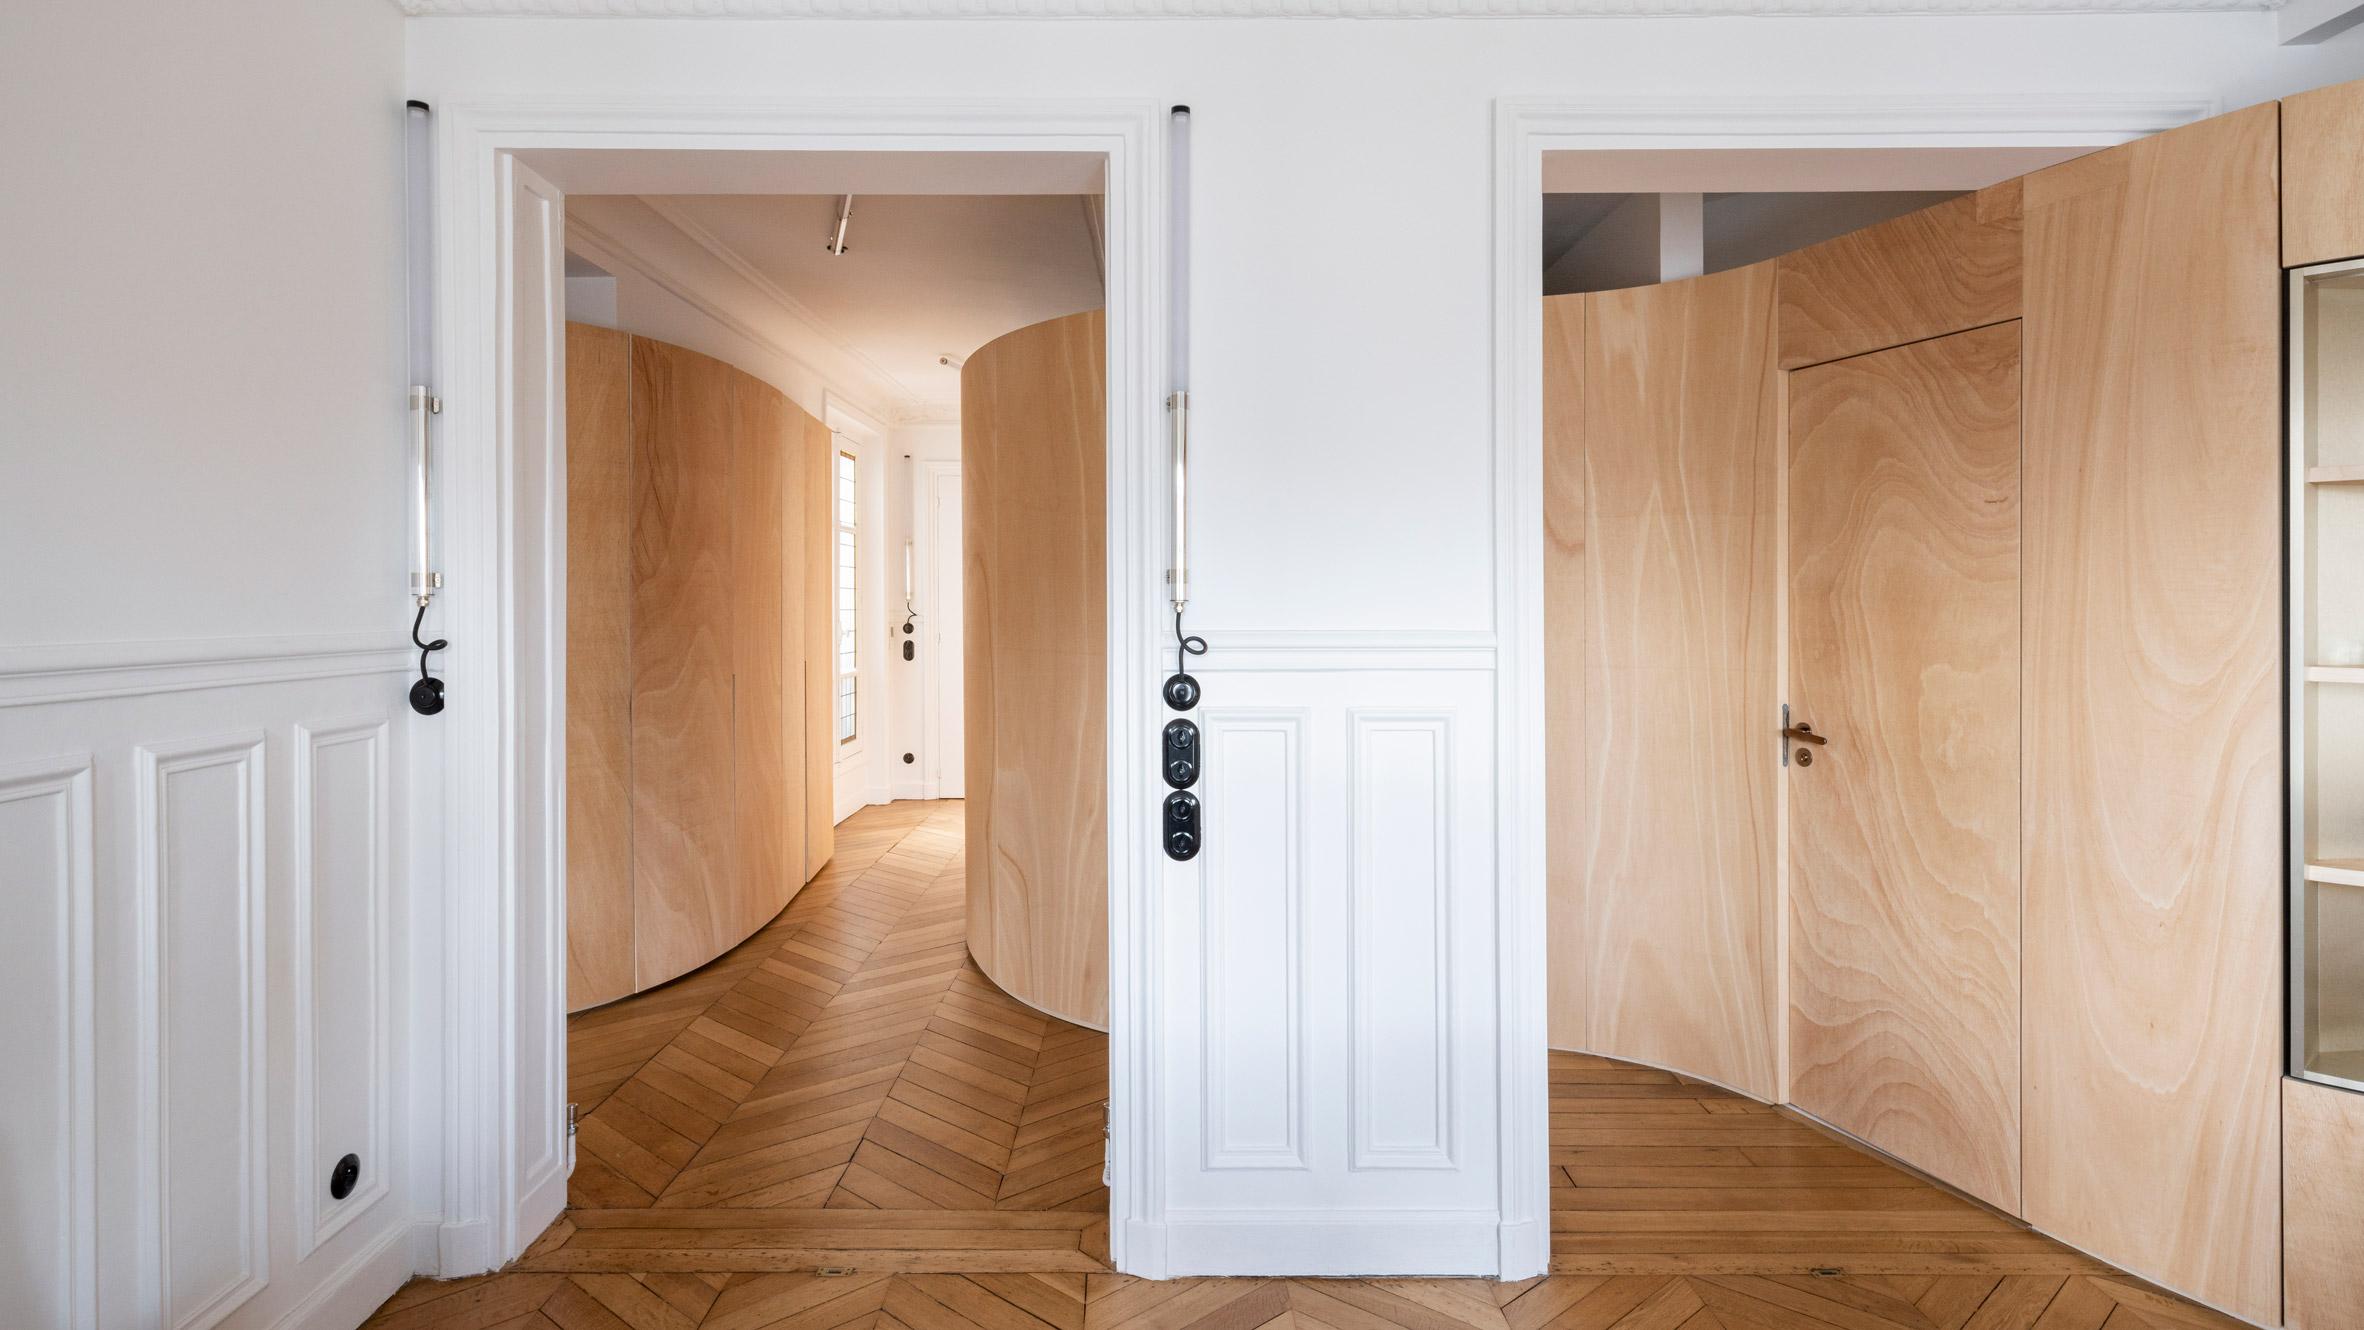 Thiết kế nội thất căn hộ 90m2 14